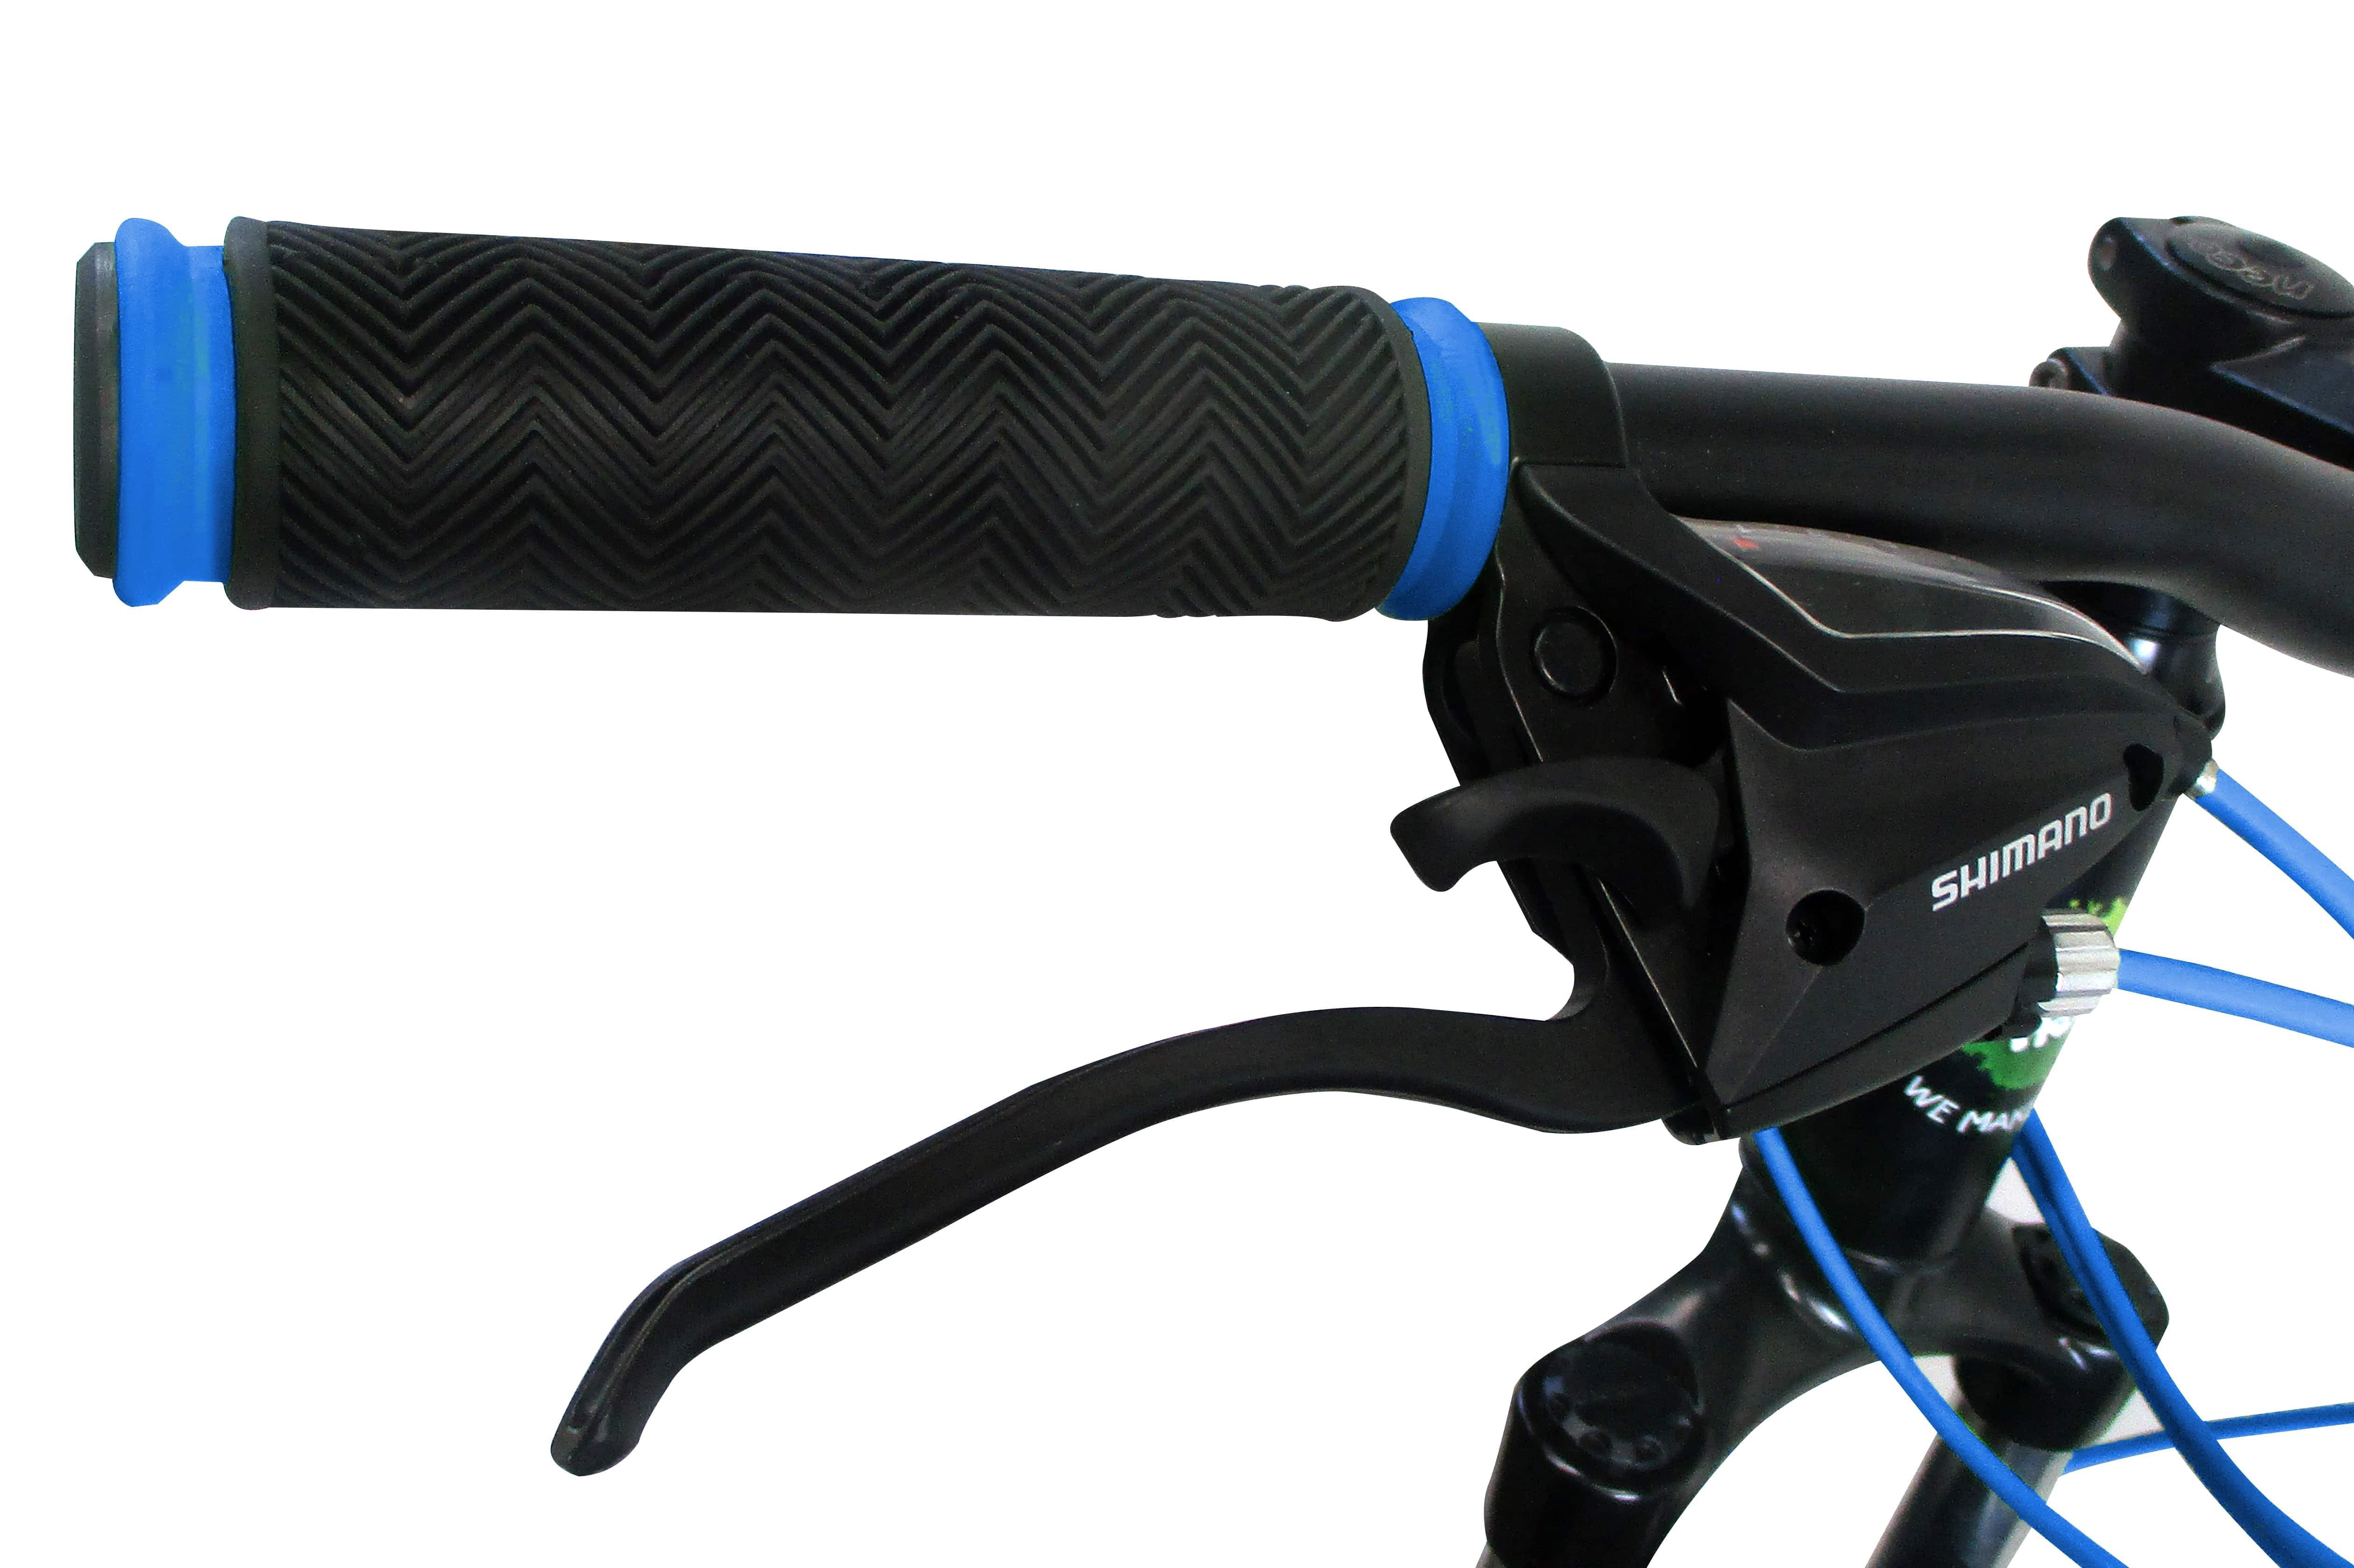 Viper X 101 27 5 Black Blue image 4